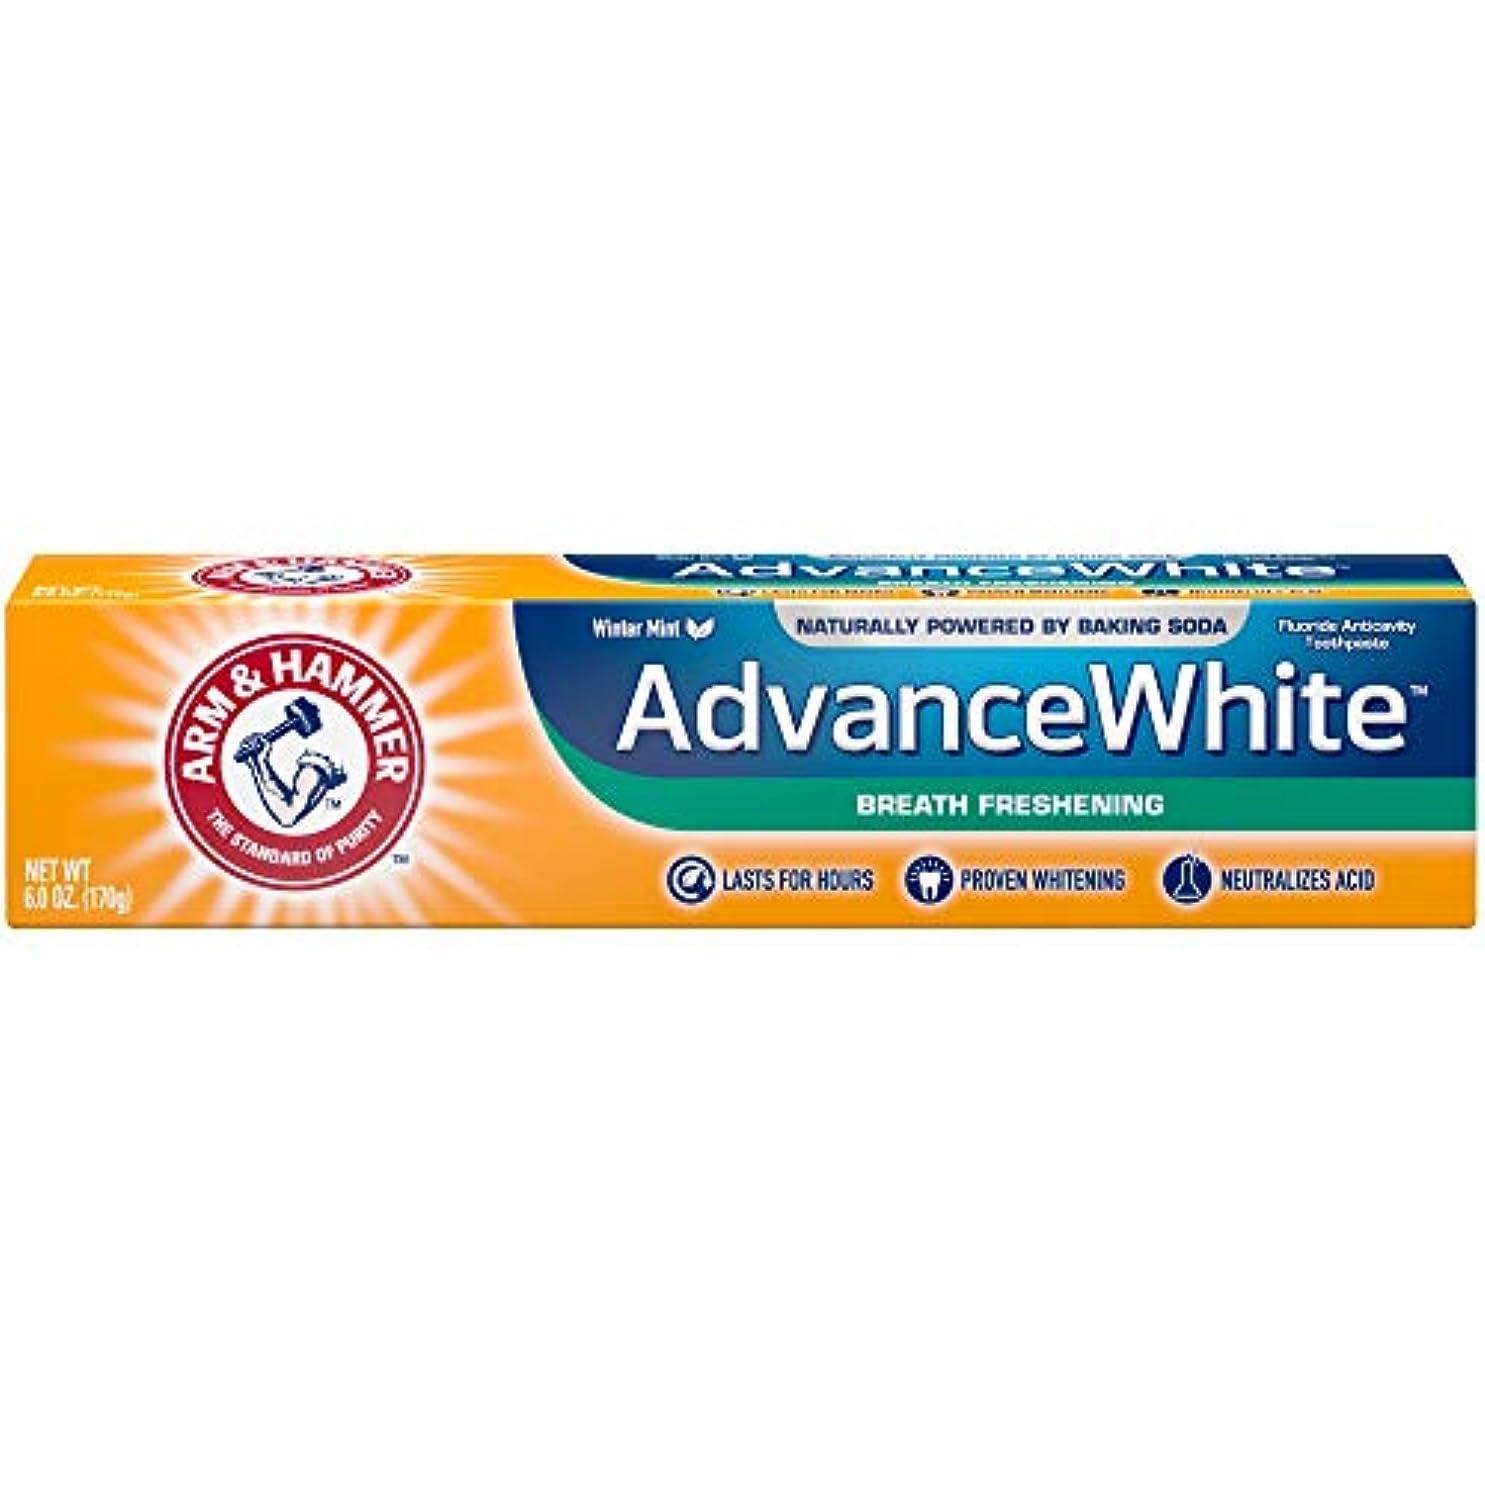 億手のひらほのかアーム&ハマー アドバンス ホワイト 歯磨き粉 ブレス フレッシュニング 170g Advance White Breath Freshing Baking Soda & Frosted Mint